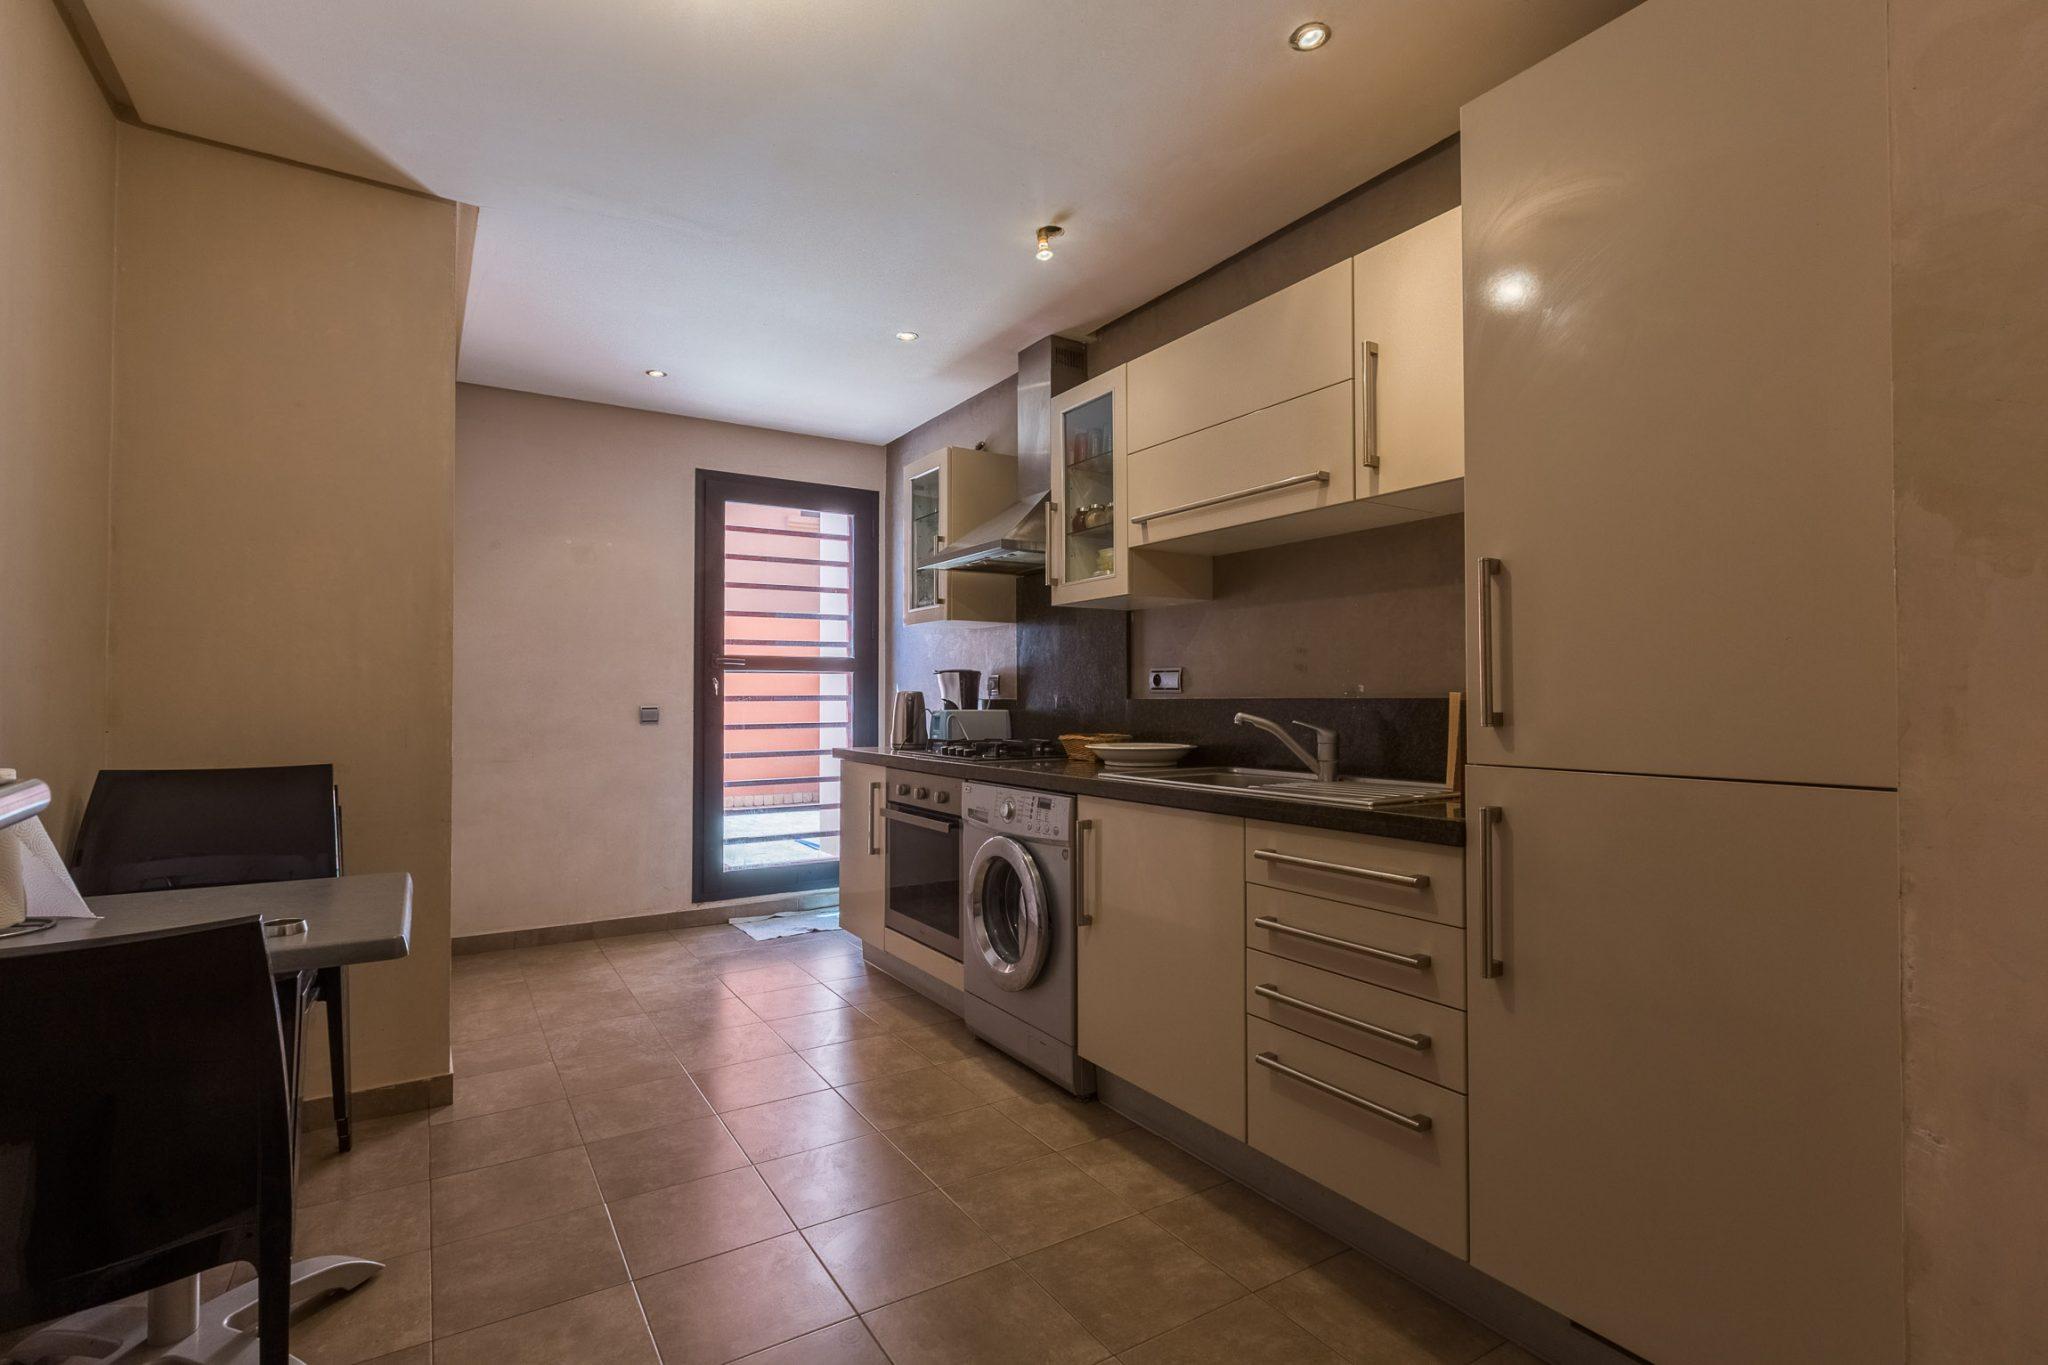 Location appartement marrakech bel appartement avec vue for Appartement a louer a liege 2 chambre